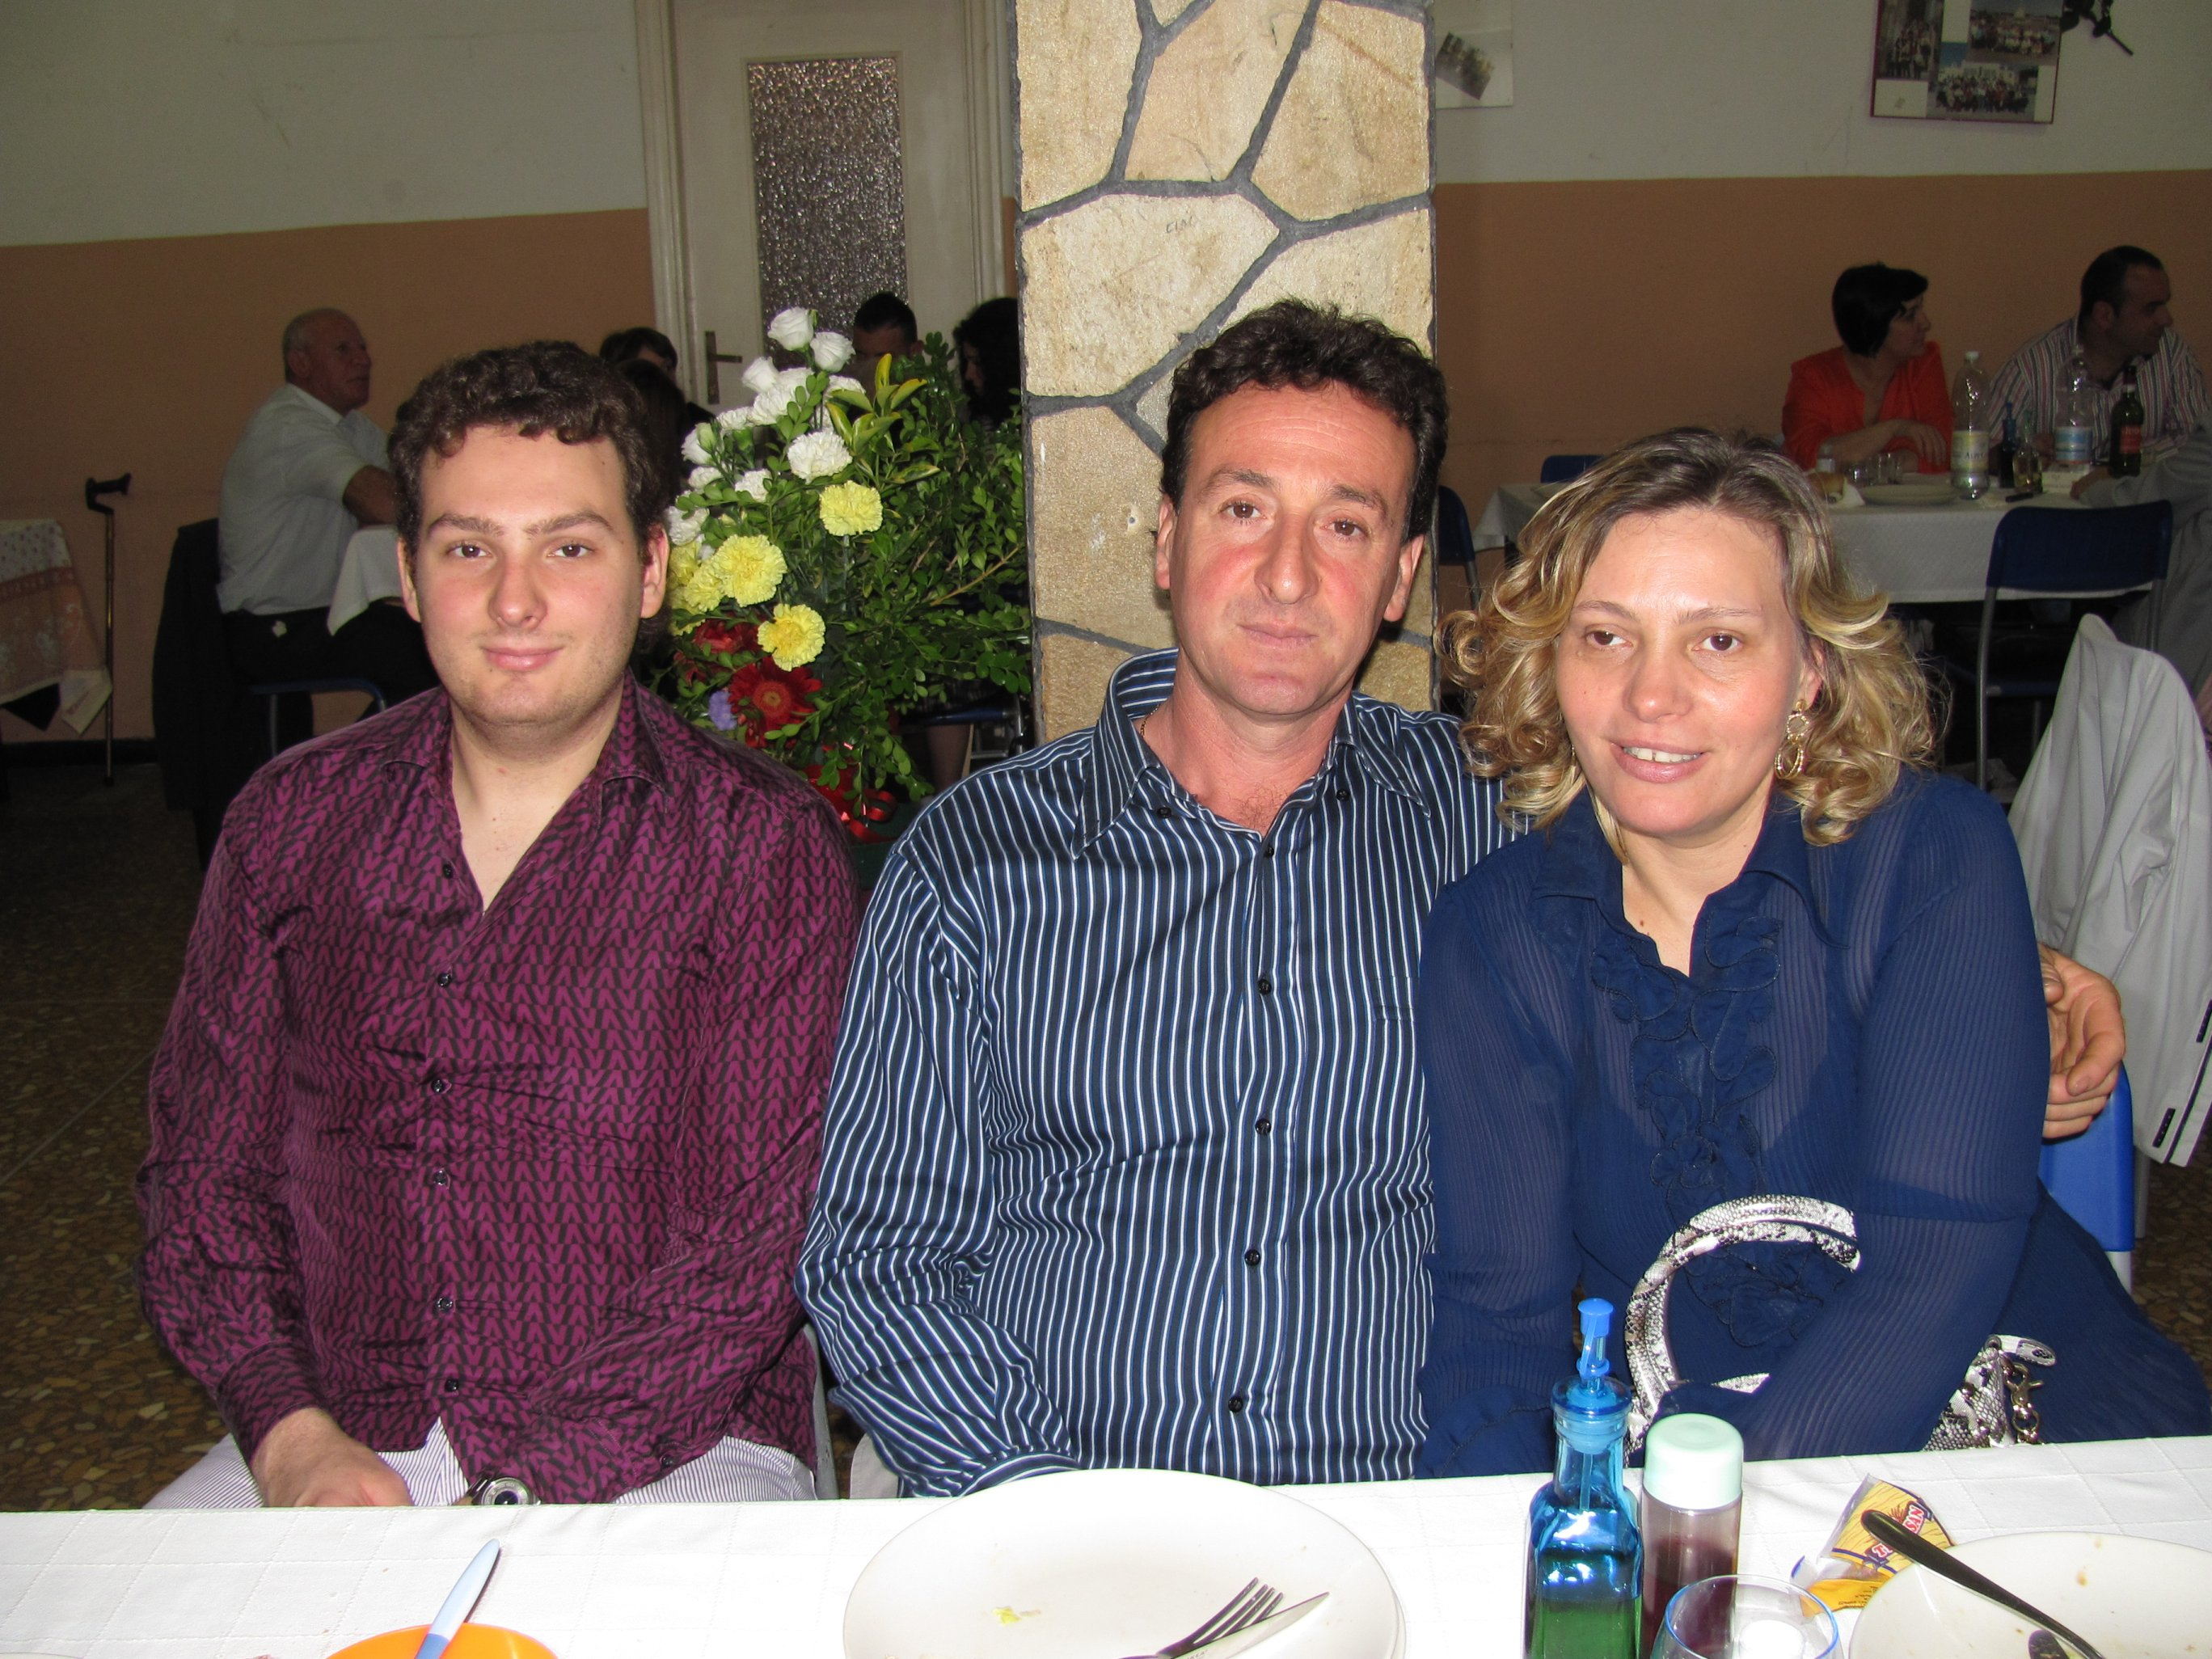 anniversari_di_matrimonio_e_di_ordinazione_2012-06-03-13-12-06